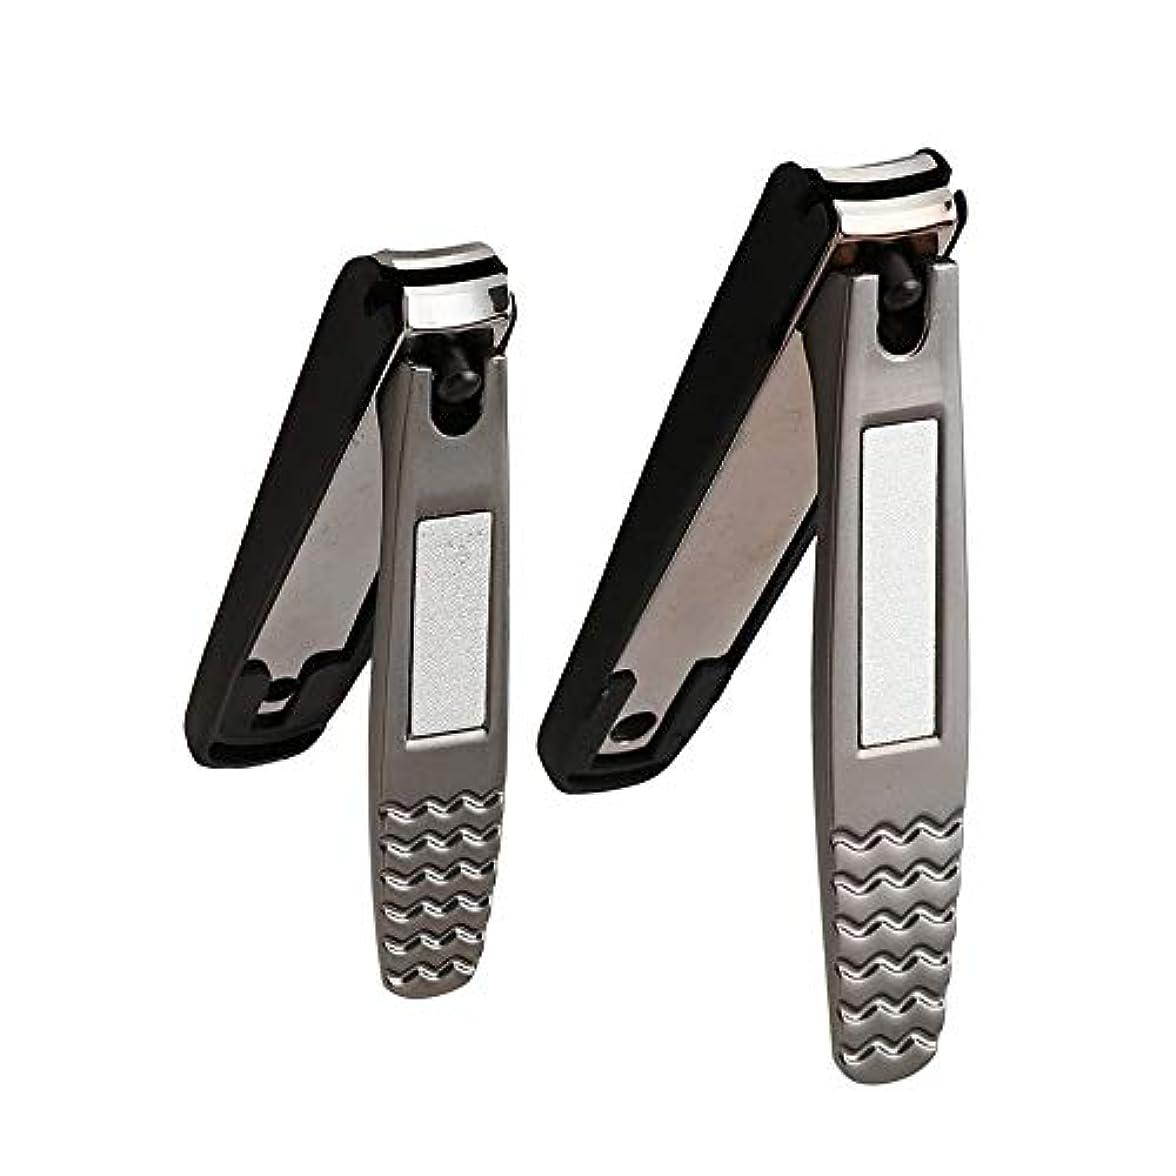 奴隷エリート幸運爪切り 高級 飛び散り防止爪切り金属ケース 用などに対応可能家庭用/介護用/医療